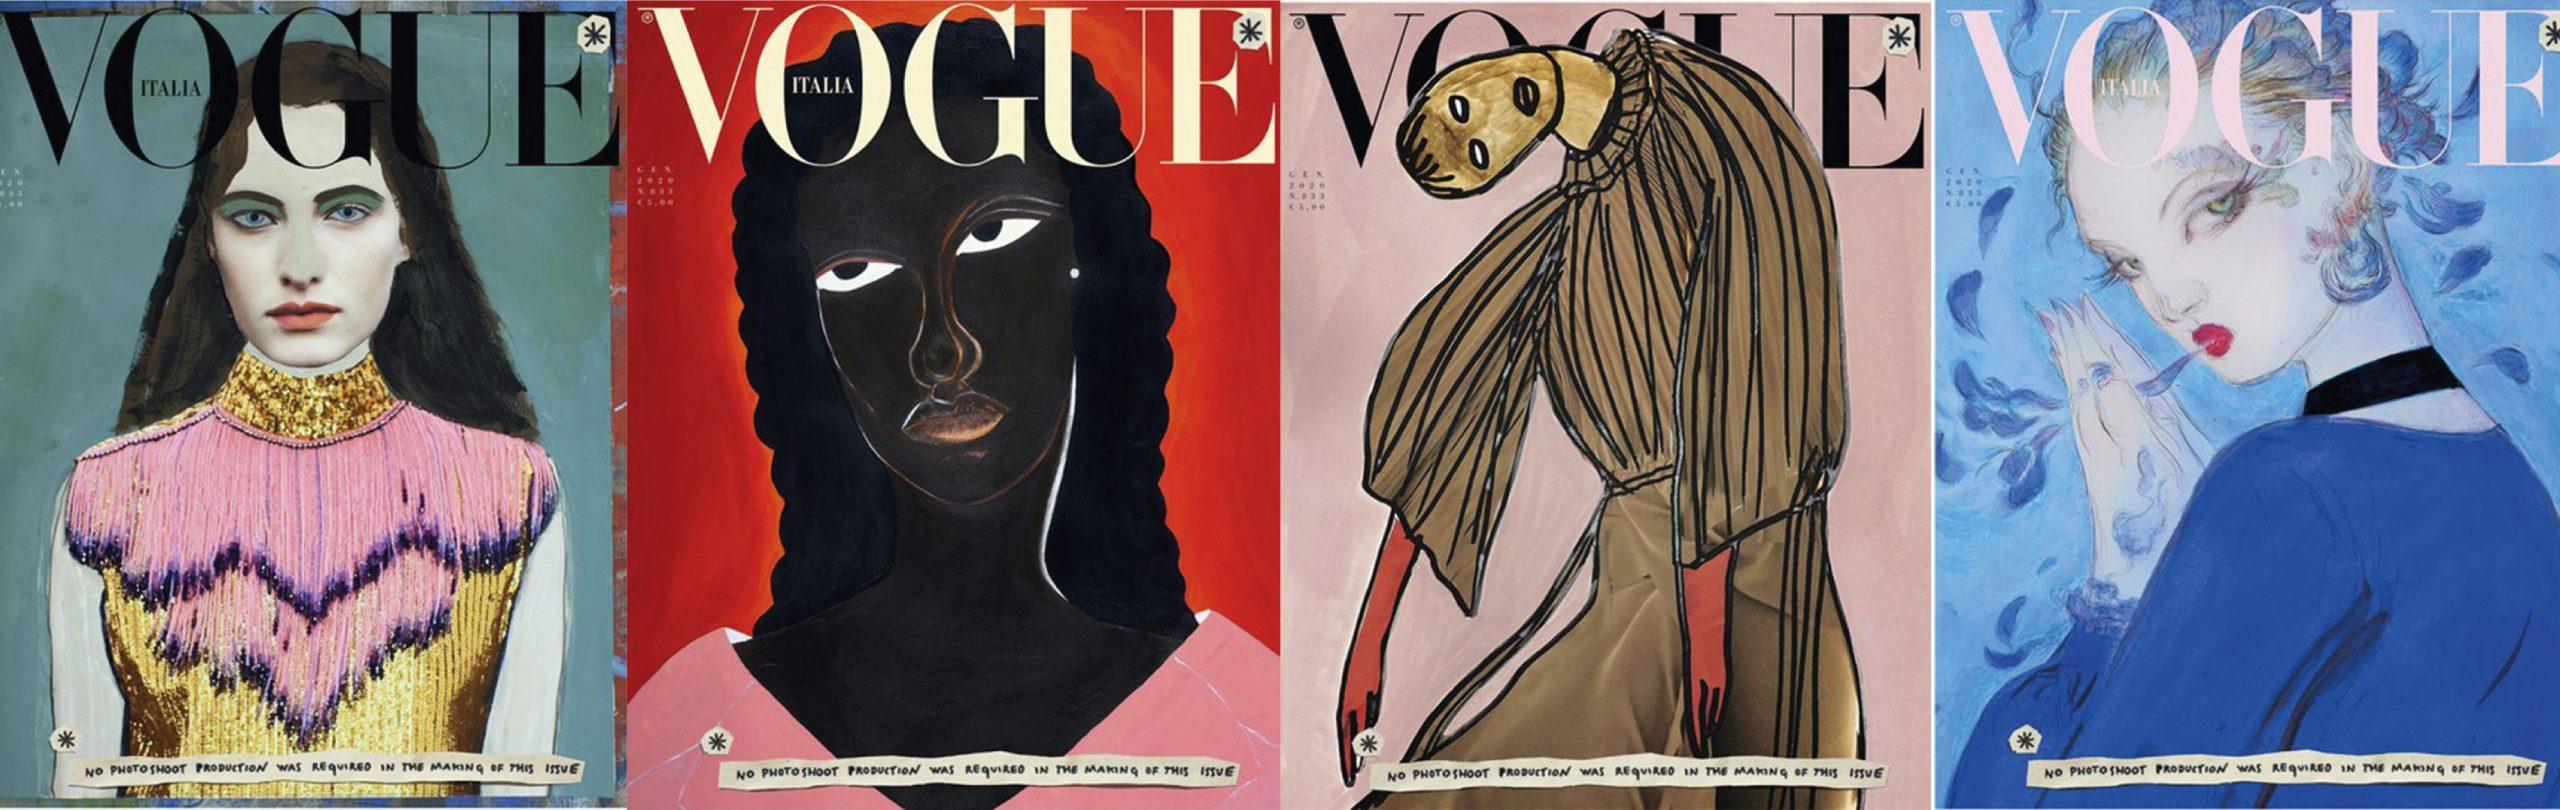 Vogue Italia lanceert in jan 2020 een editie zonder fotografie